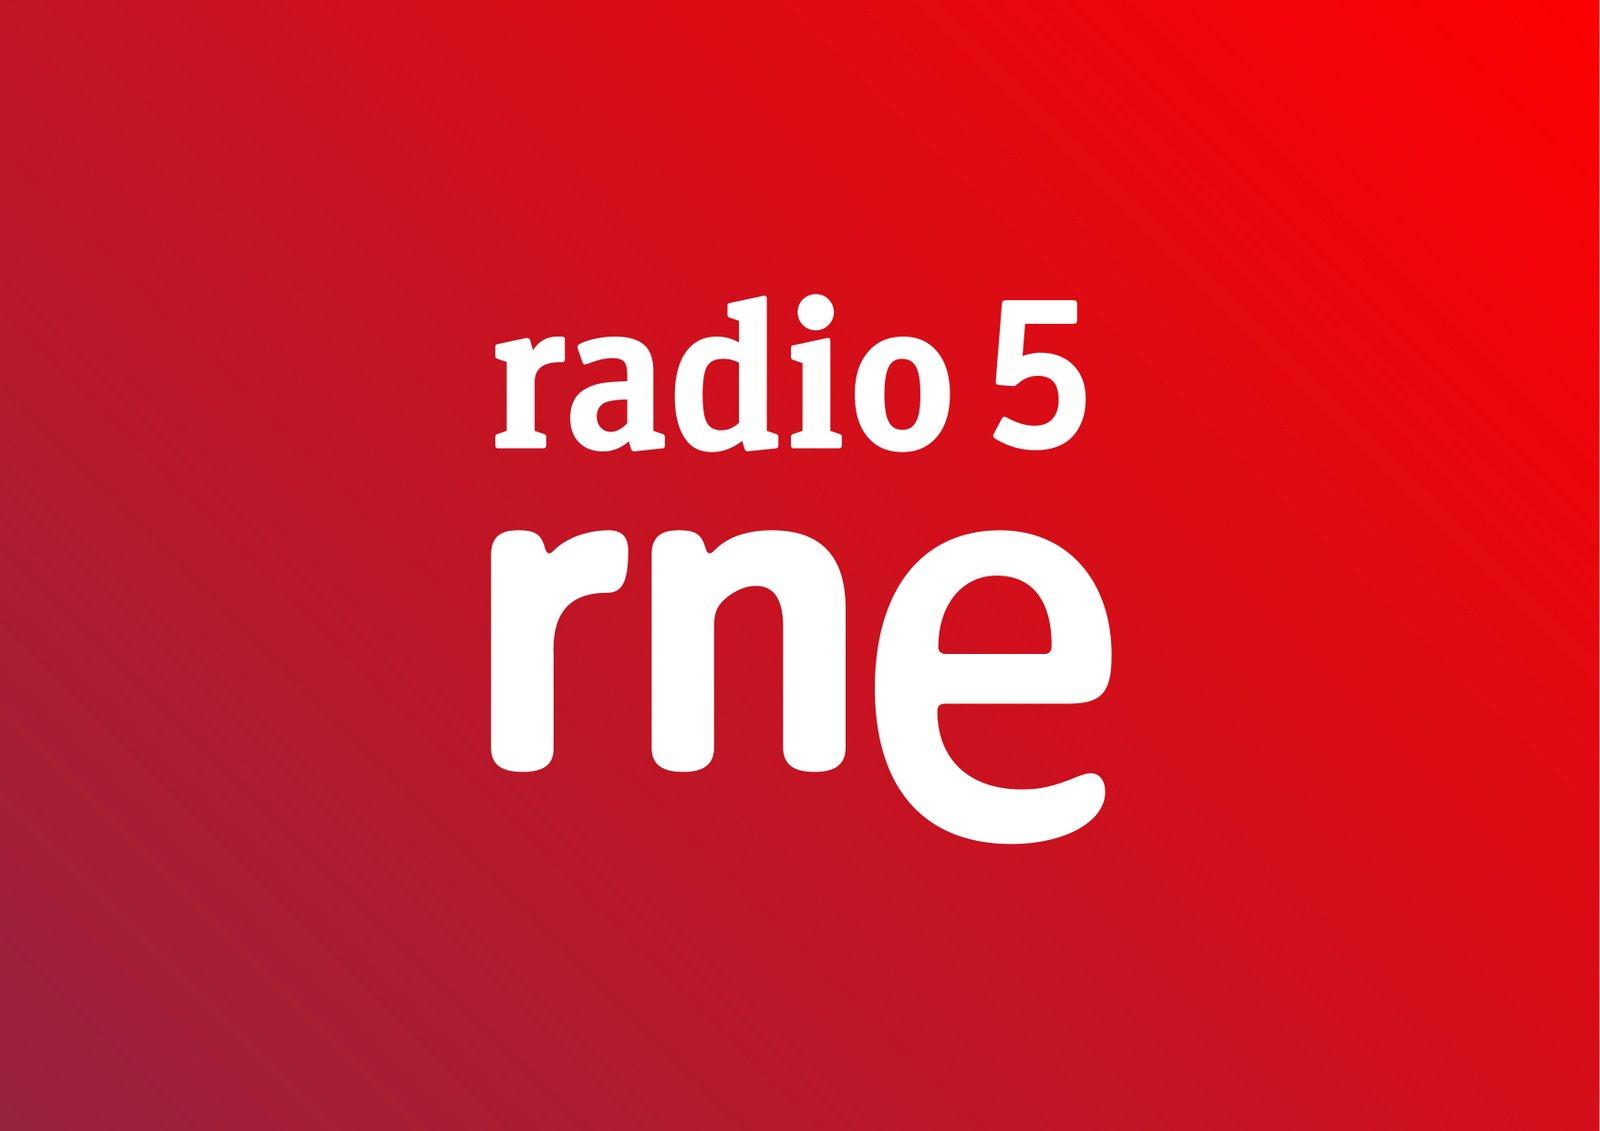 Consultores de Marketing en Radio5